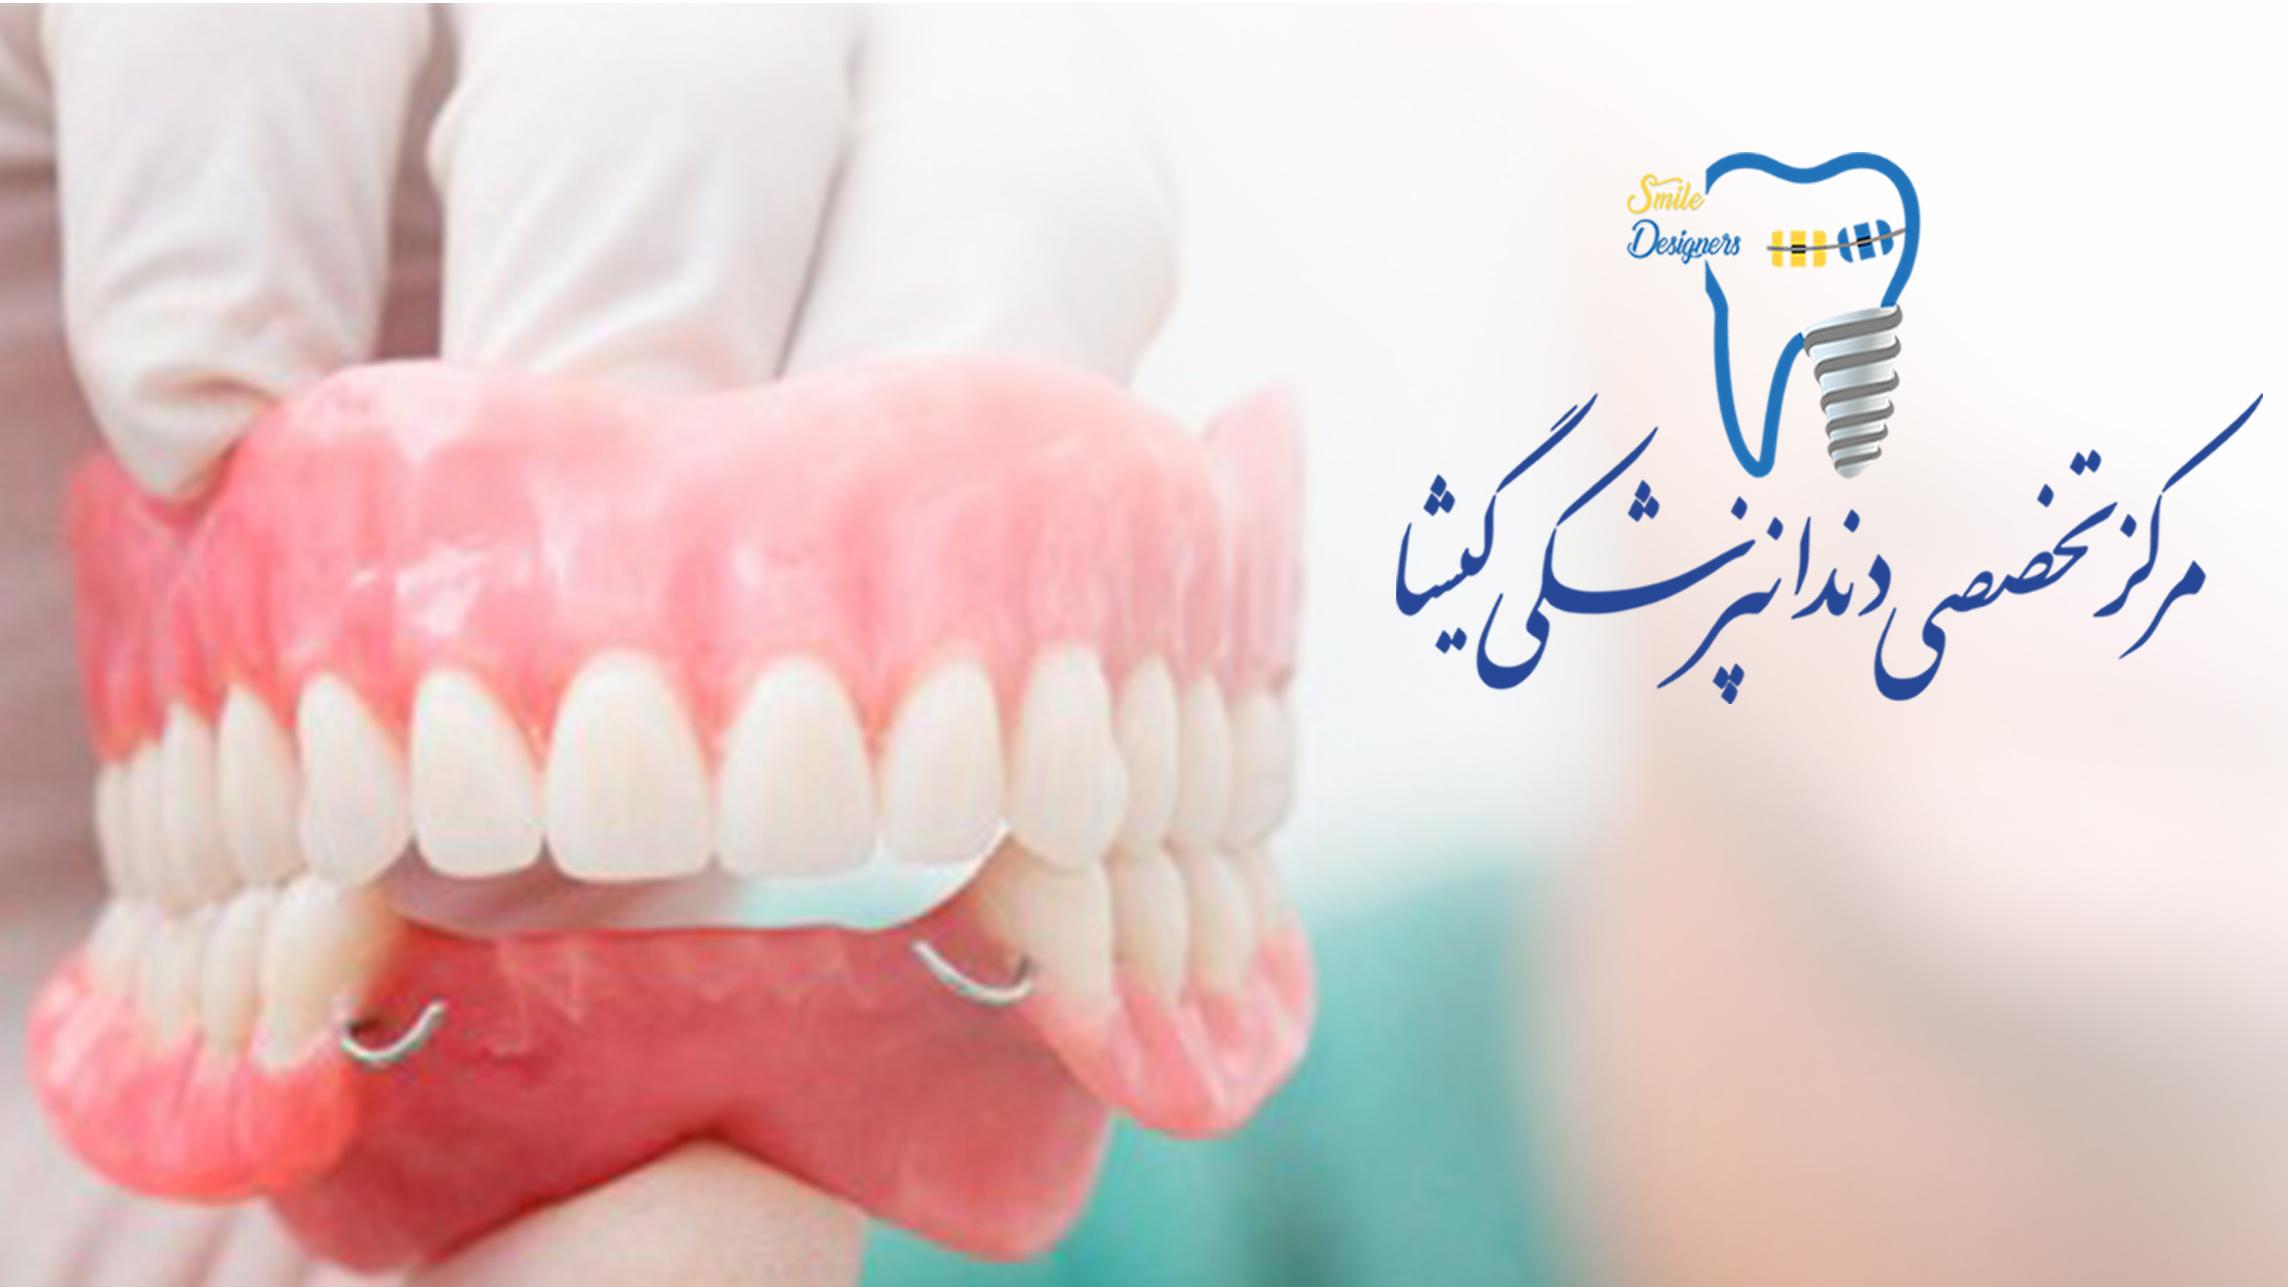 دندان مصنوعی و پروتز دندانی